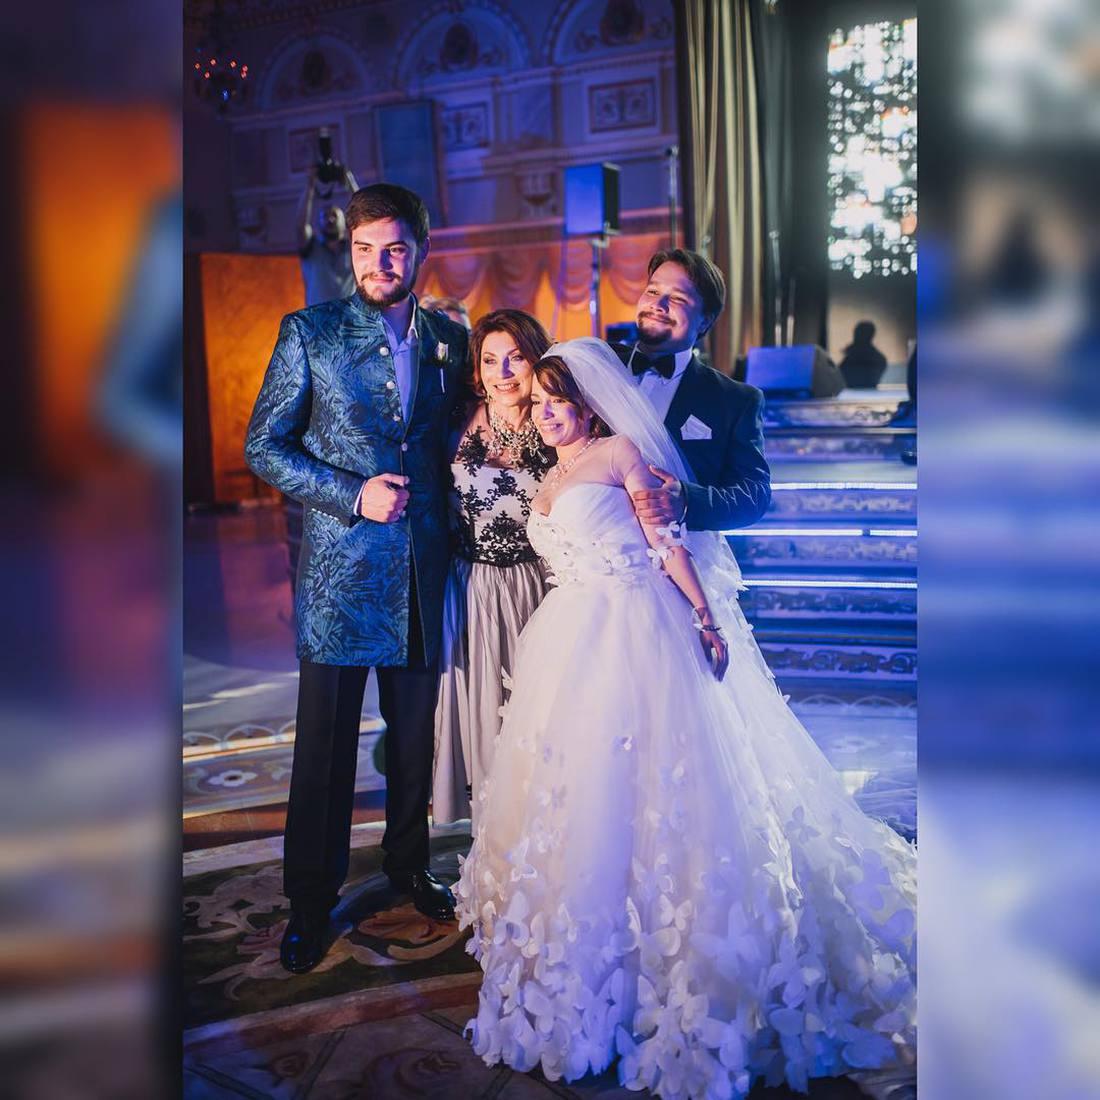 Роза сябитова фото свадьбы дочери